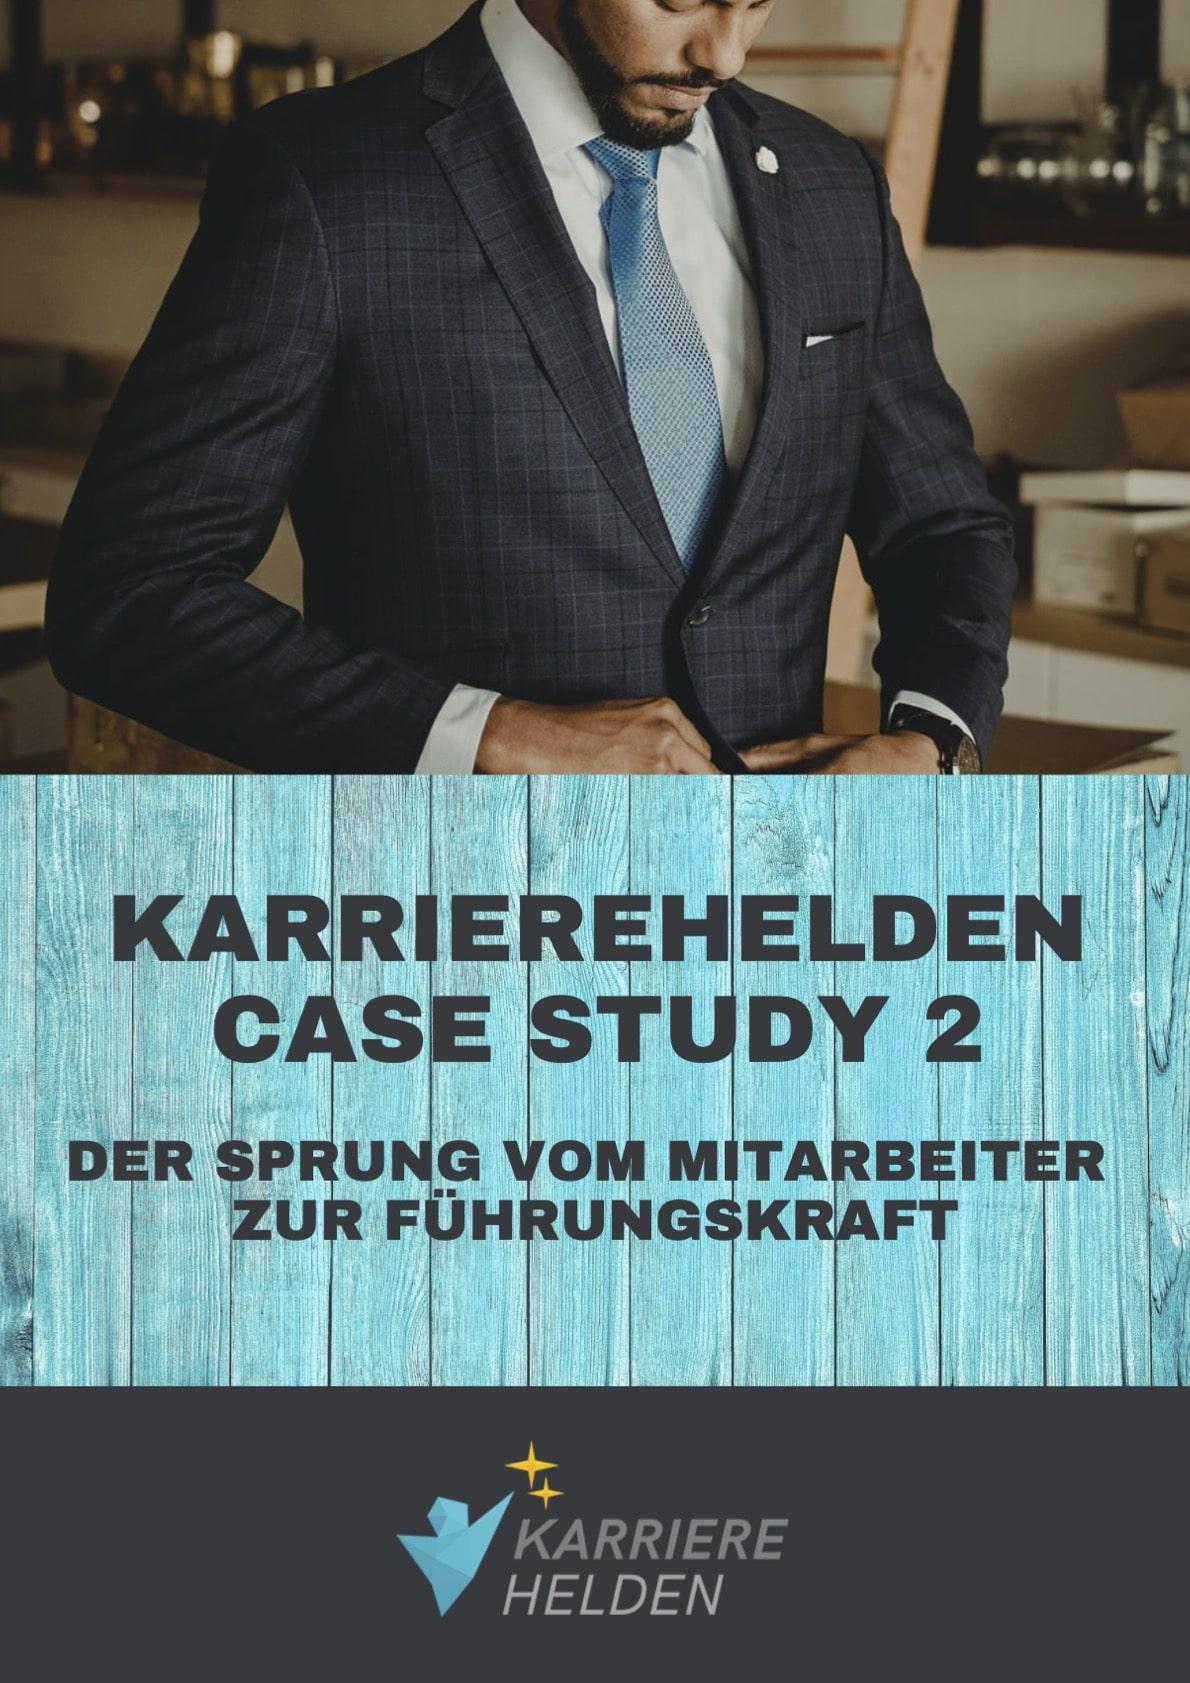 Case Study 2 - Führungskraft